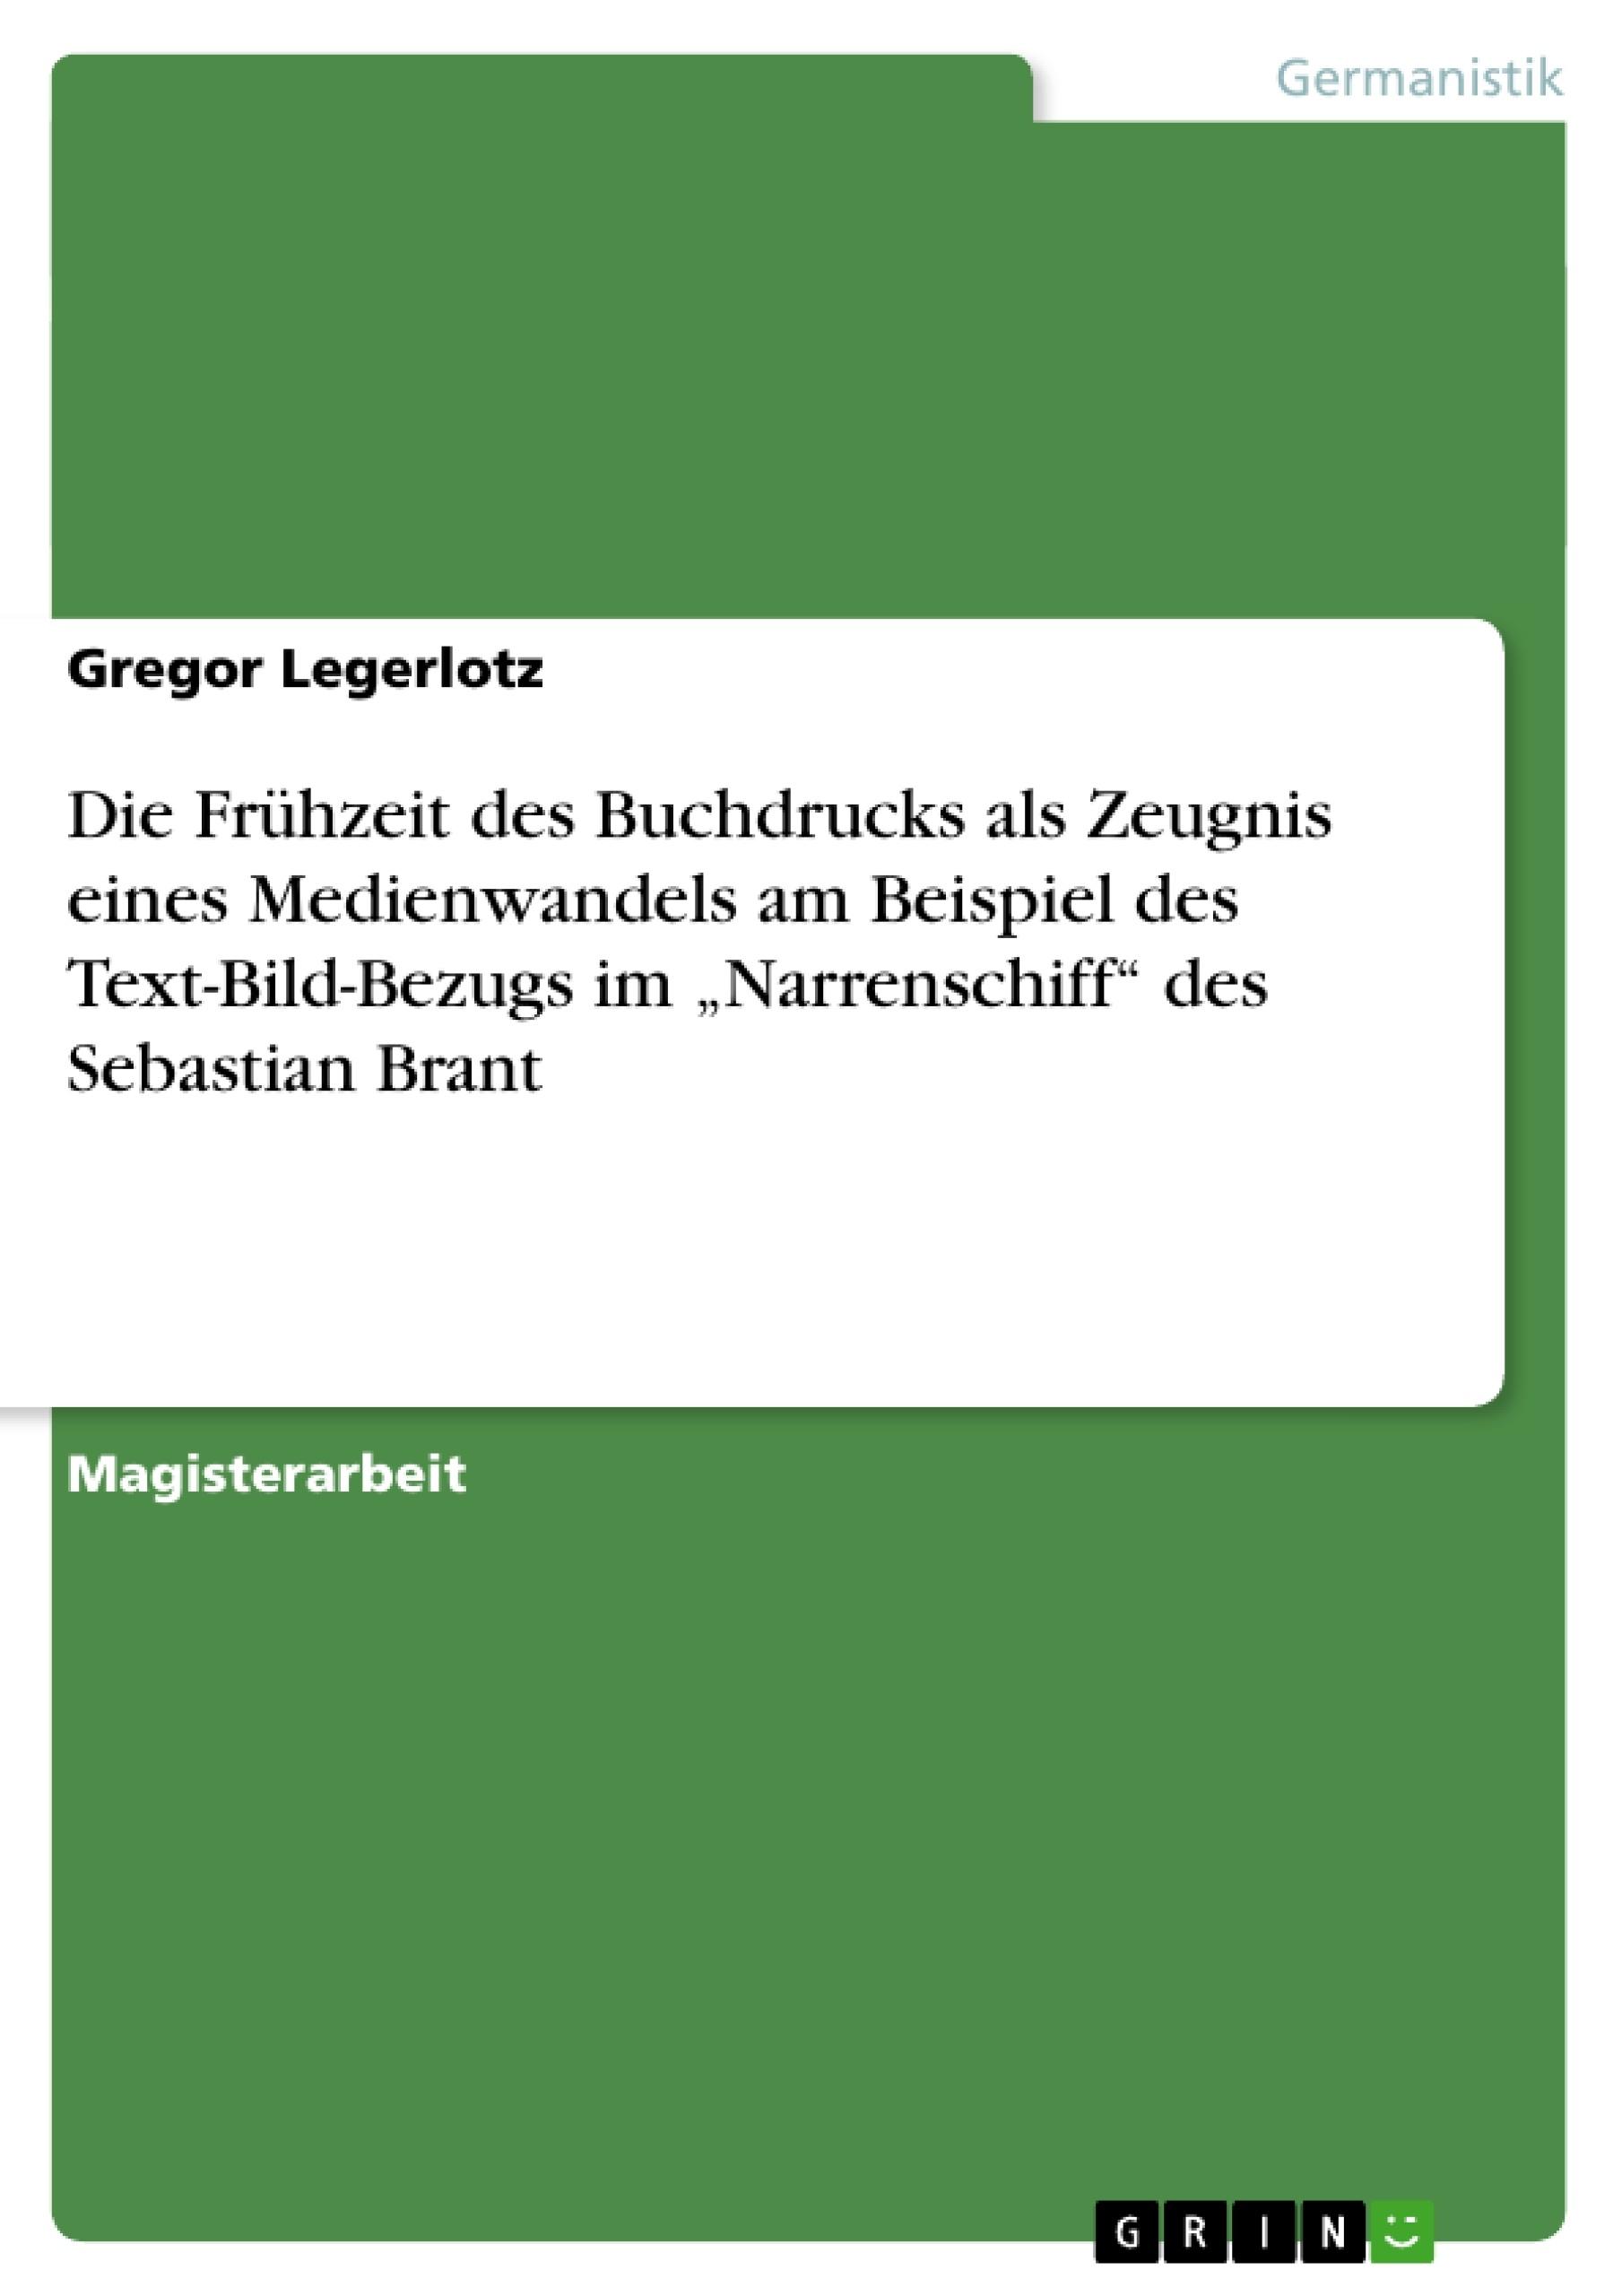 Niedlich Text Nur Probe Fortsetzen Bilder - Beispiel Wiederaufnahme ...